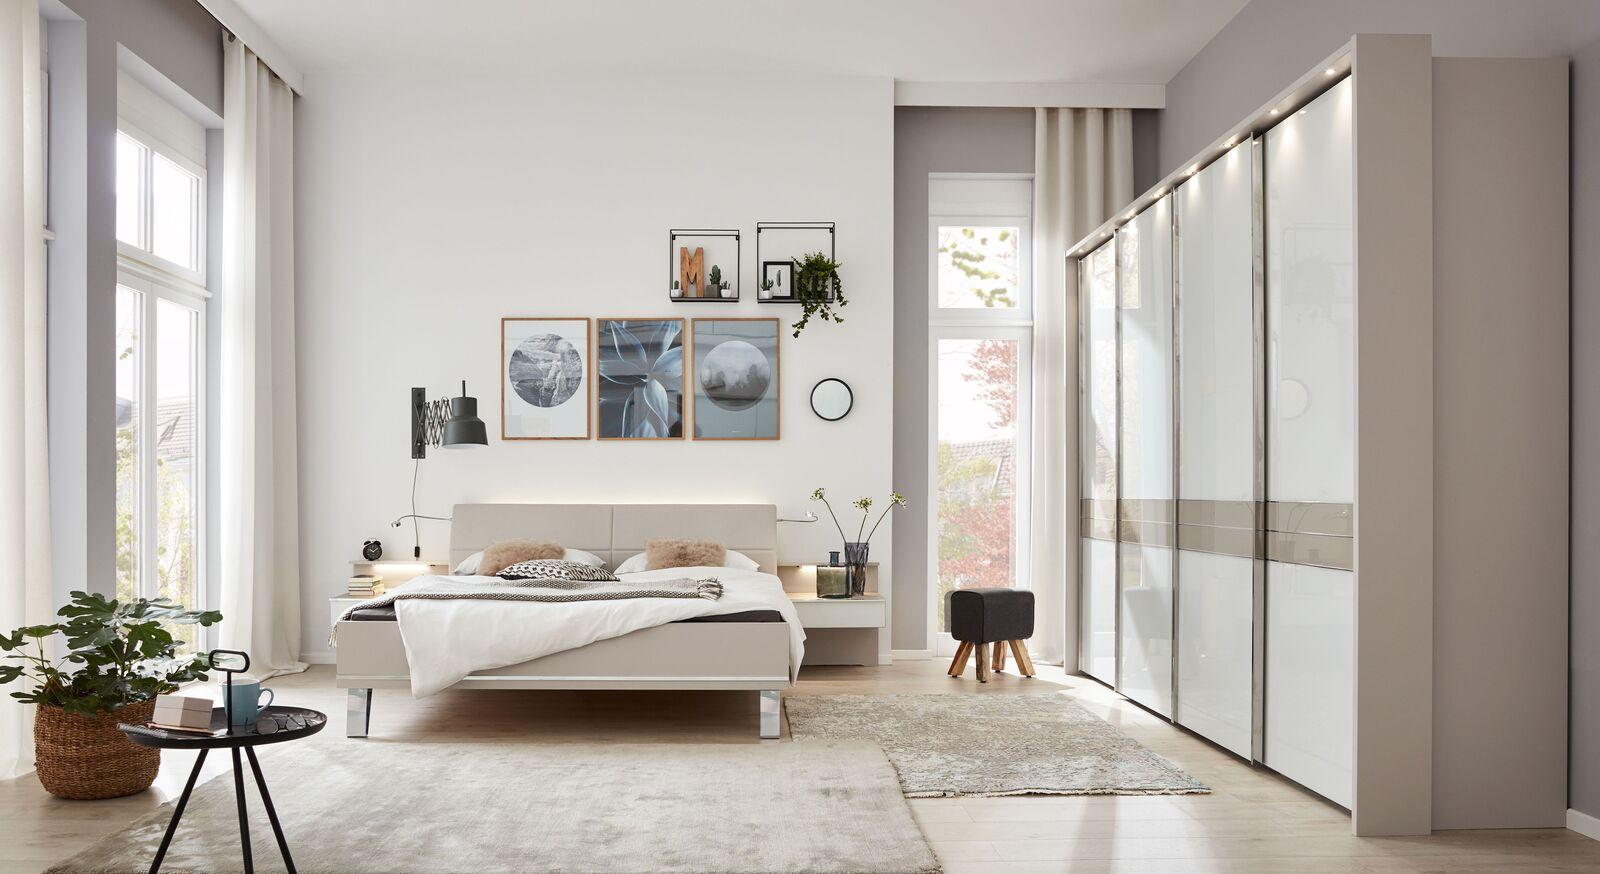 INTERLIVING Bett 1009 mit passenden Schlafzimmermöbeln